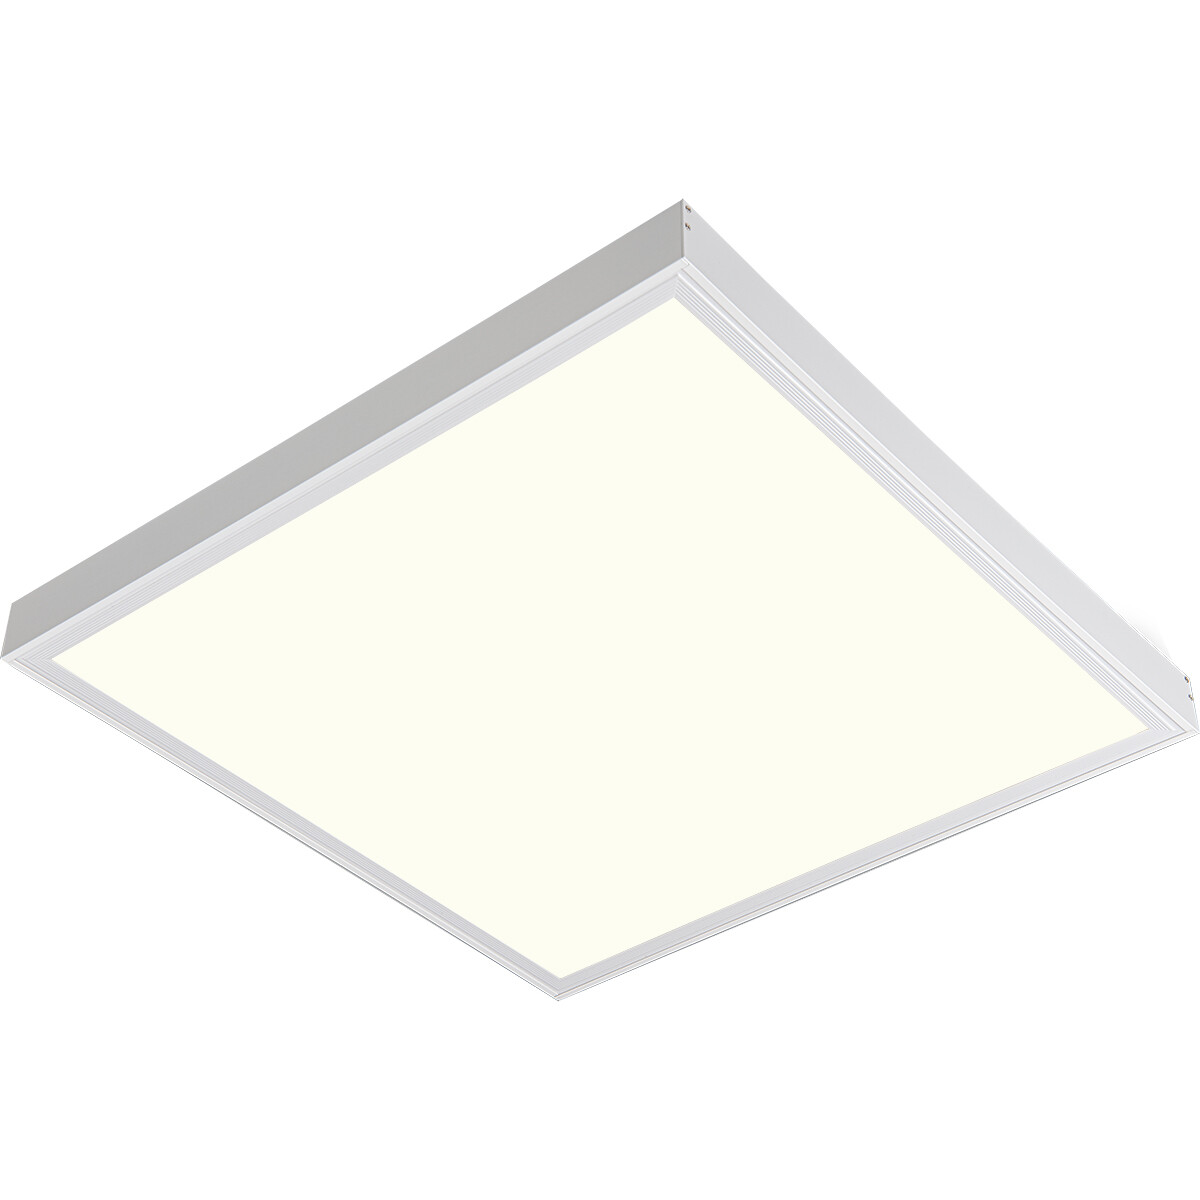 LED Paneel - Aigi Clena - 60x60 Natuurlijk Wit 4000K - 40W Opbouw Vierkant - Mat Wit - Flikkervrij